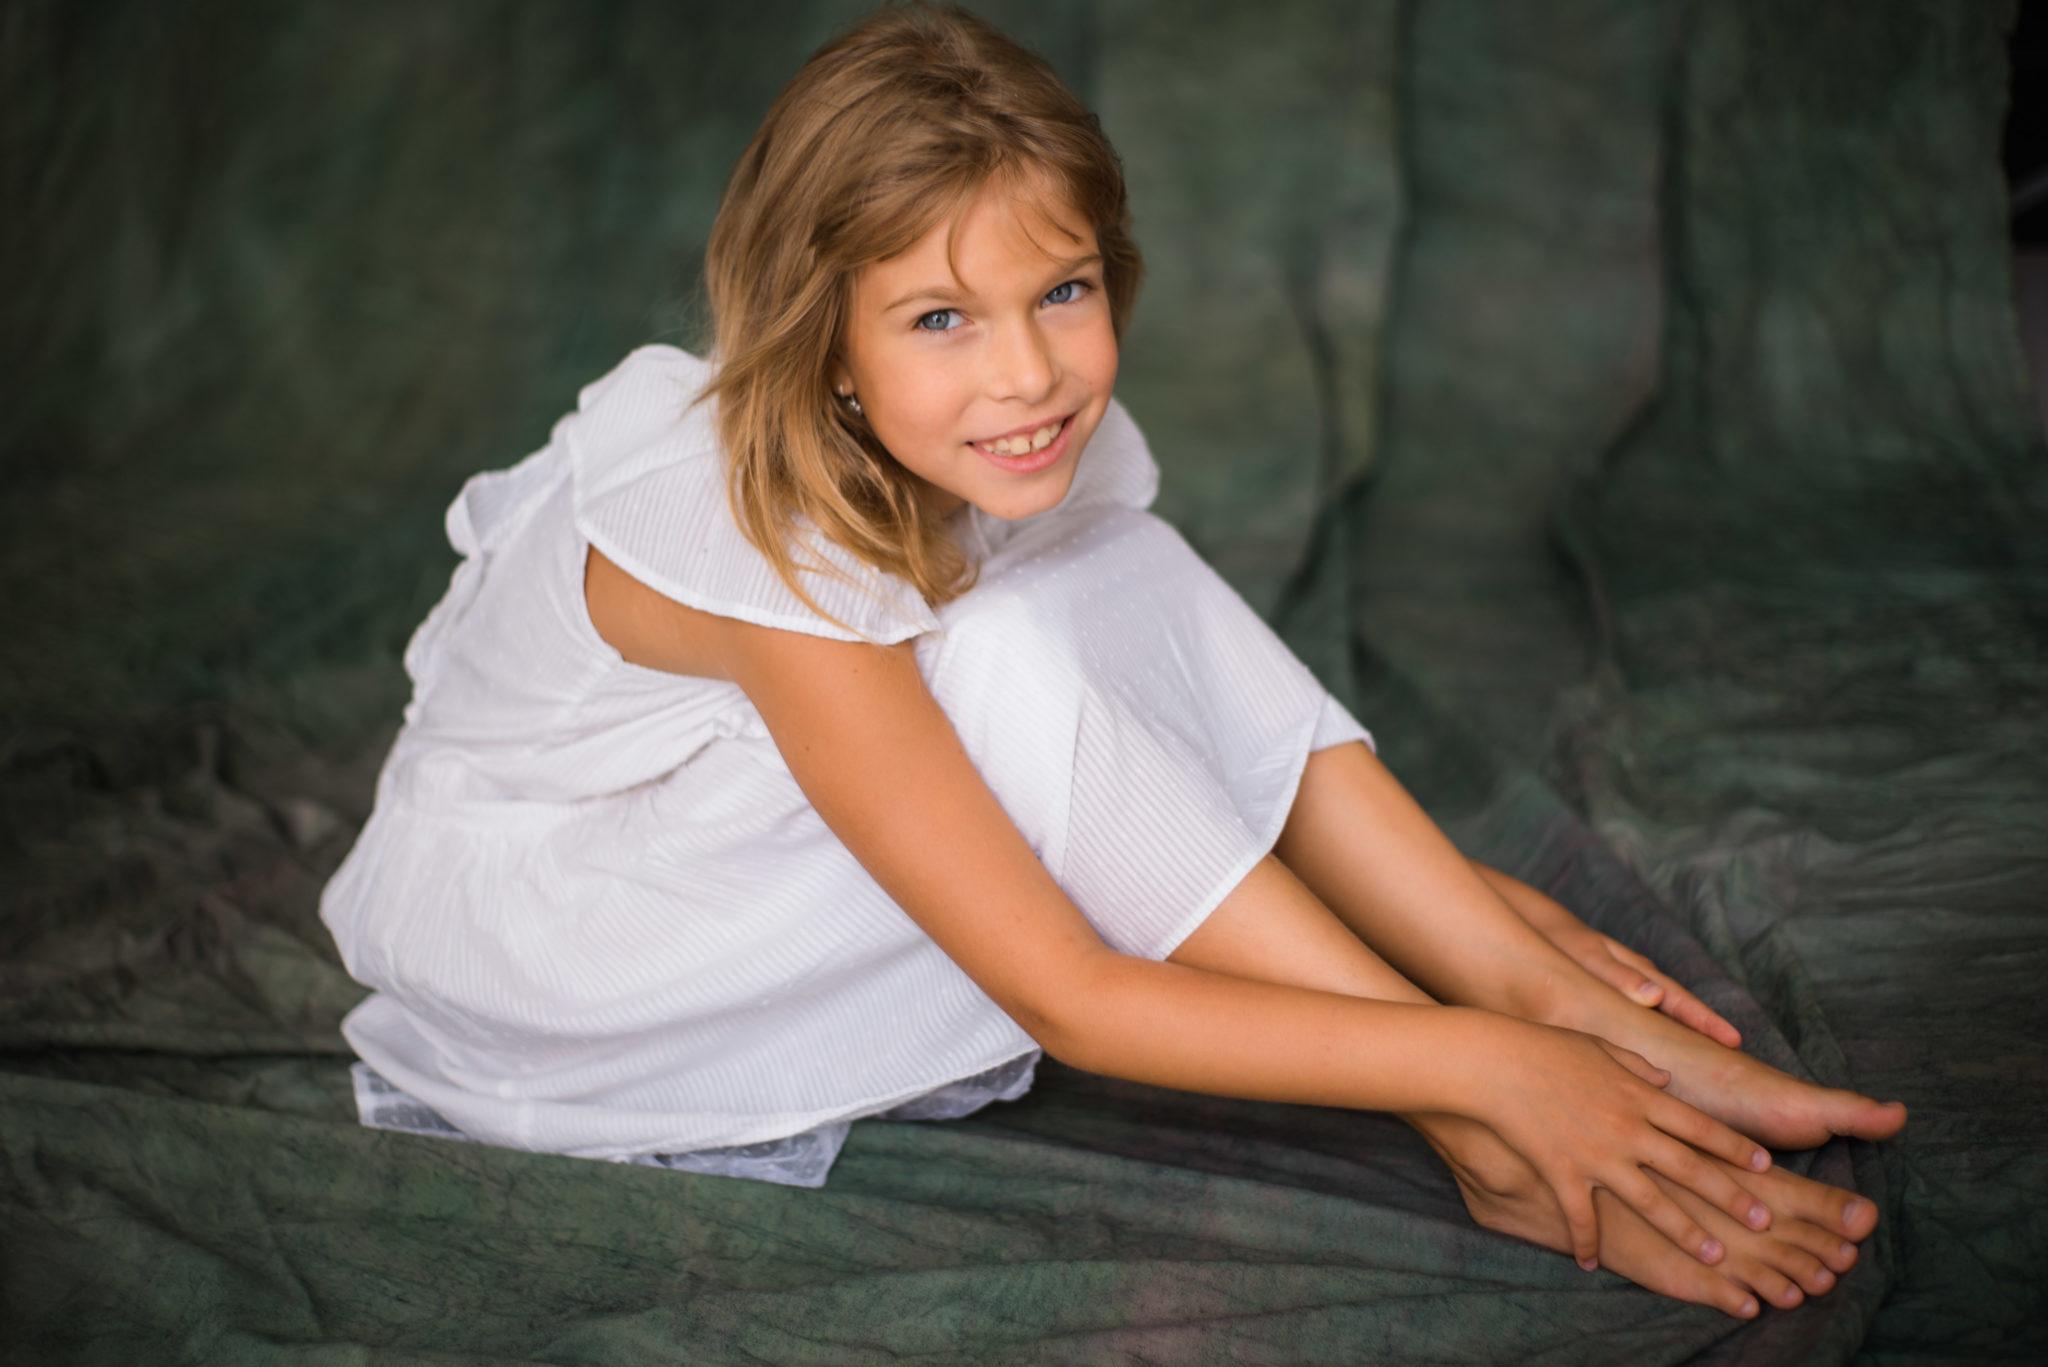 Детская фотосессия, ребенок в белом платье сидит